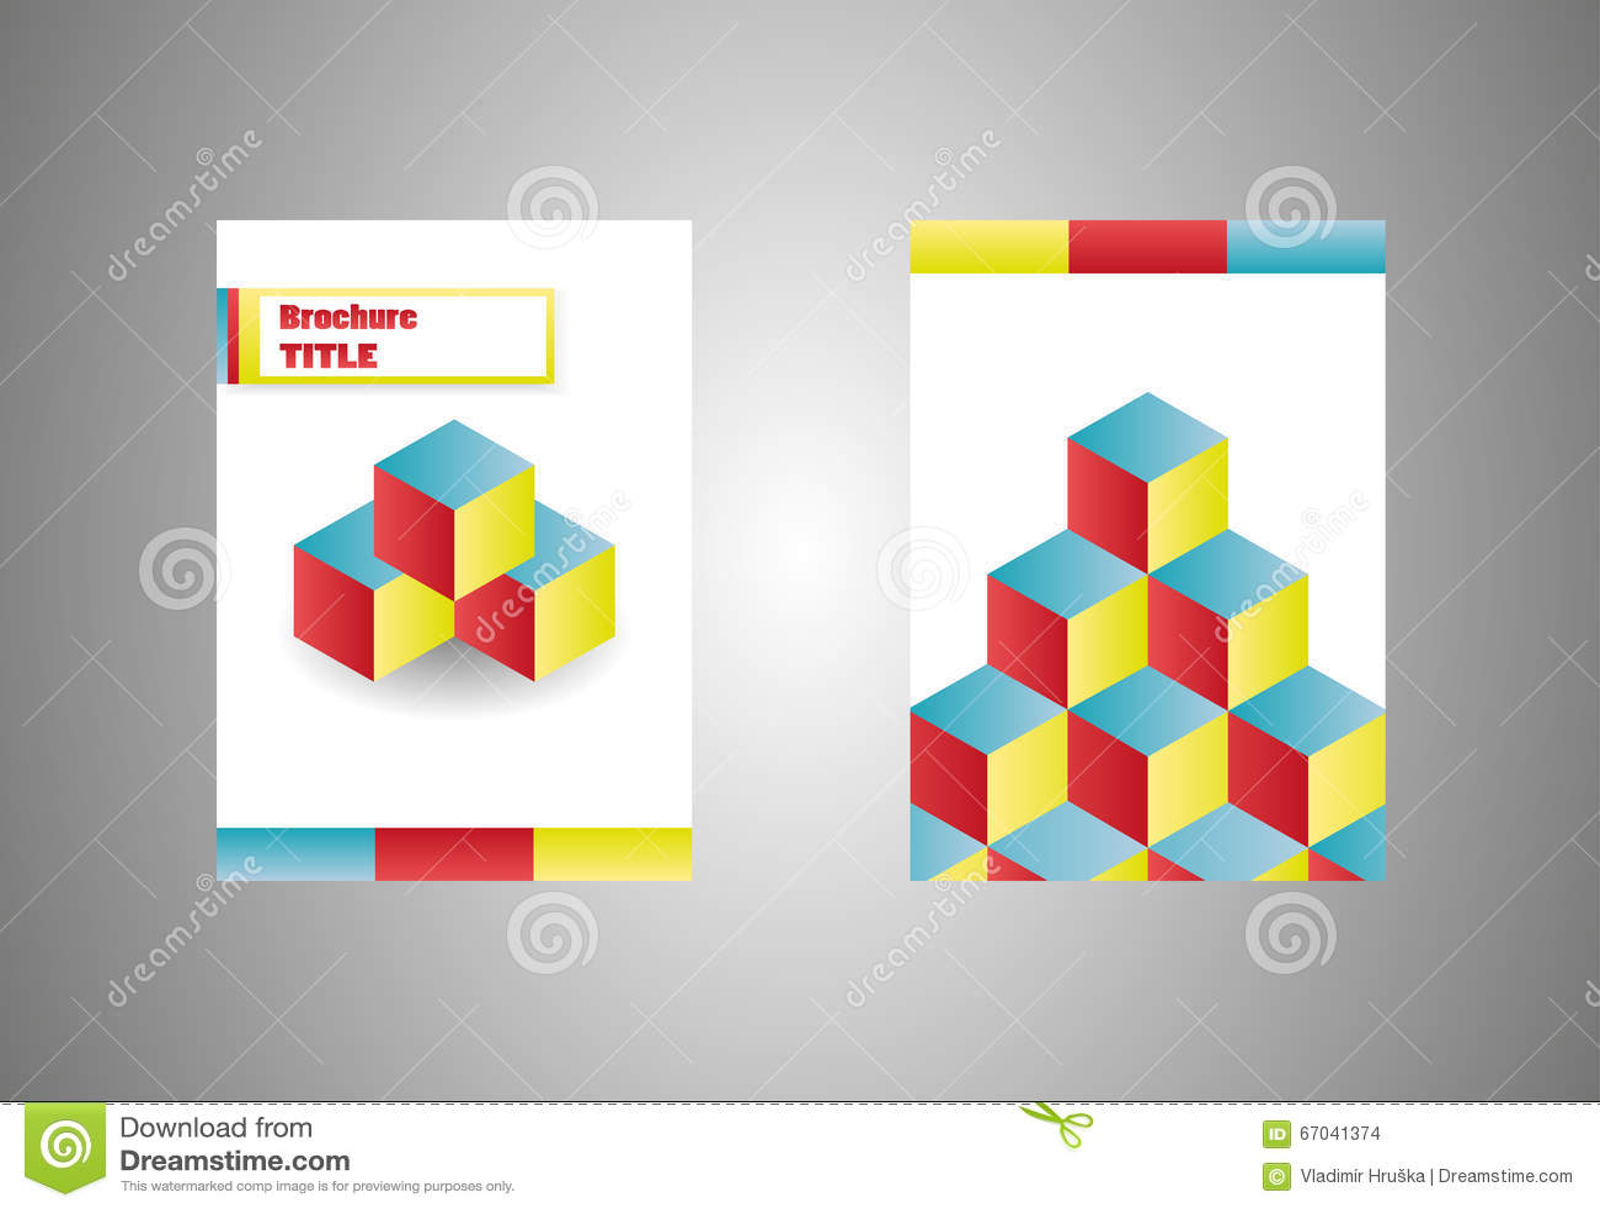 Los Cubos Isométricos Vector El Folleto Del Negocio, Plantilla De La ...